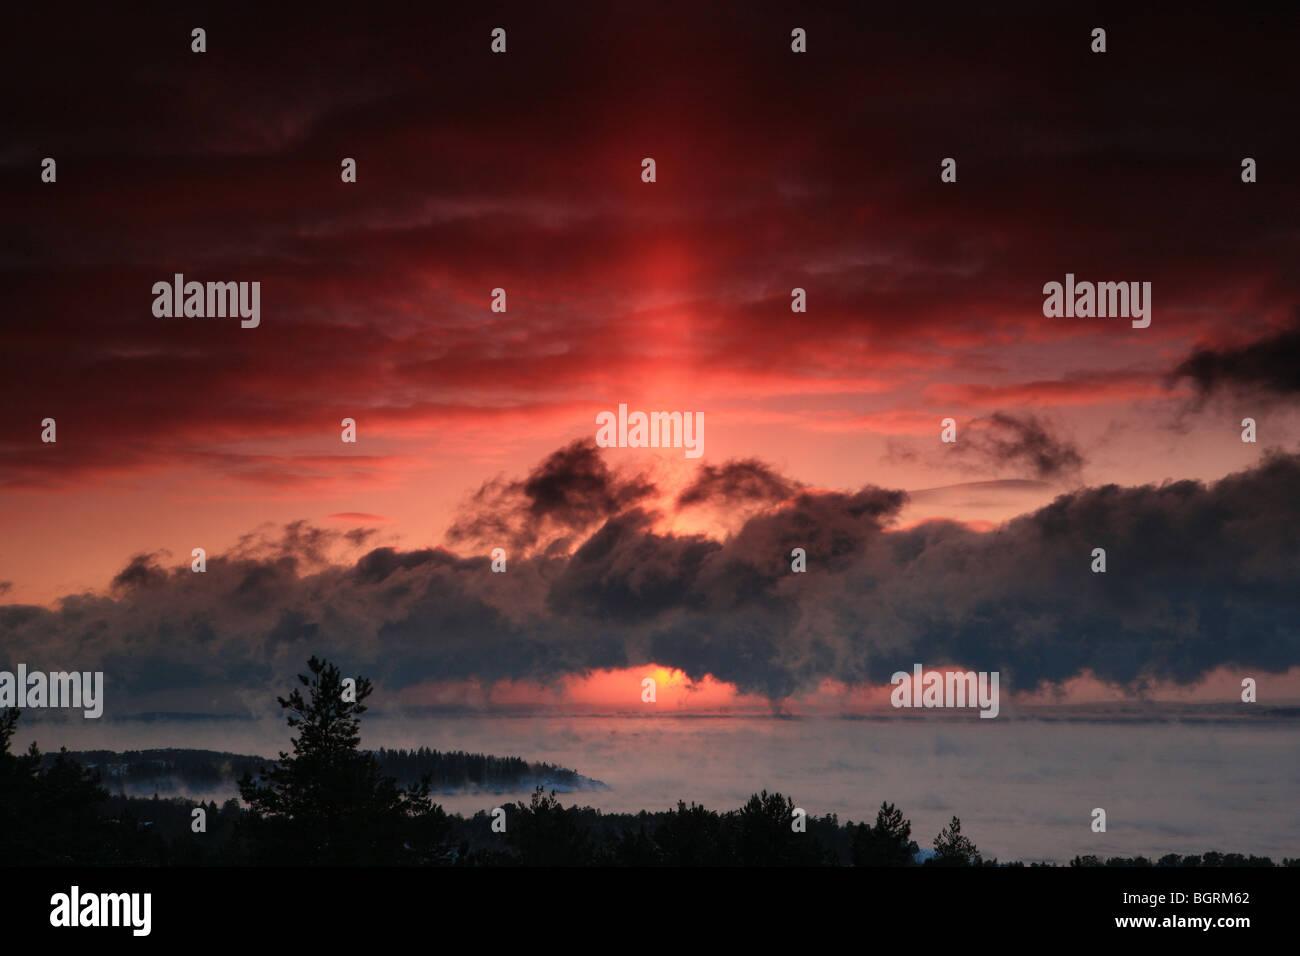 Godbeam magnifique au coucher du soleil sur l'horizon, vu depuis le point de vue tour à Vardåsen à Rygge, au Maroc. Banque D'Images